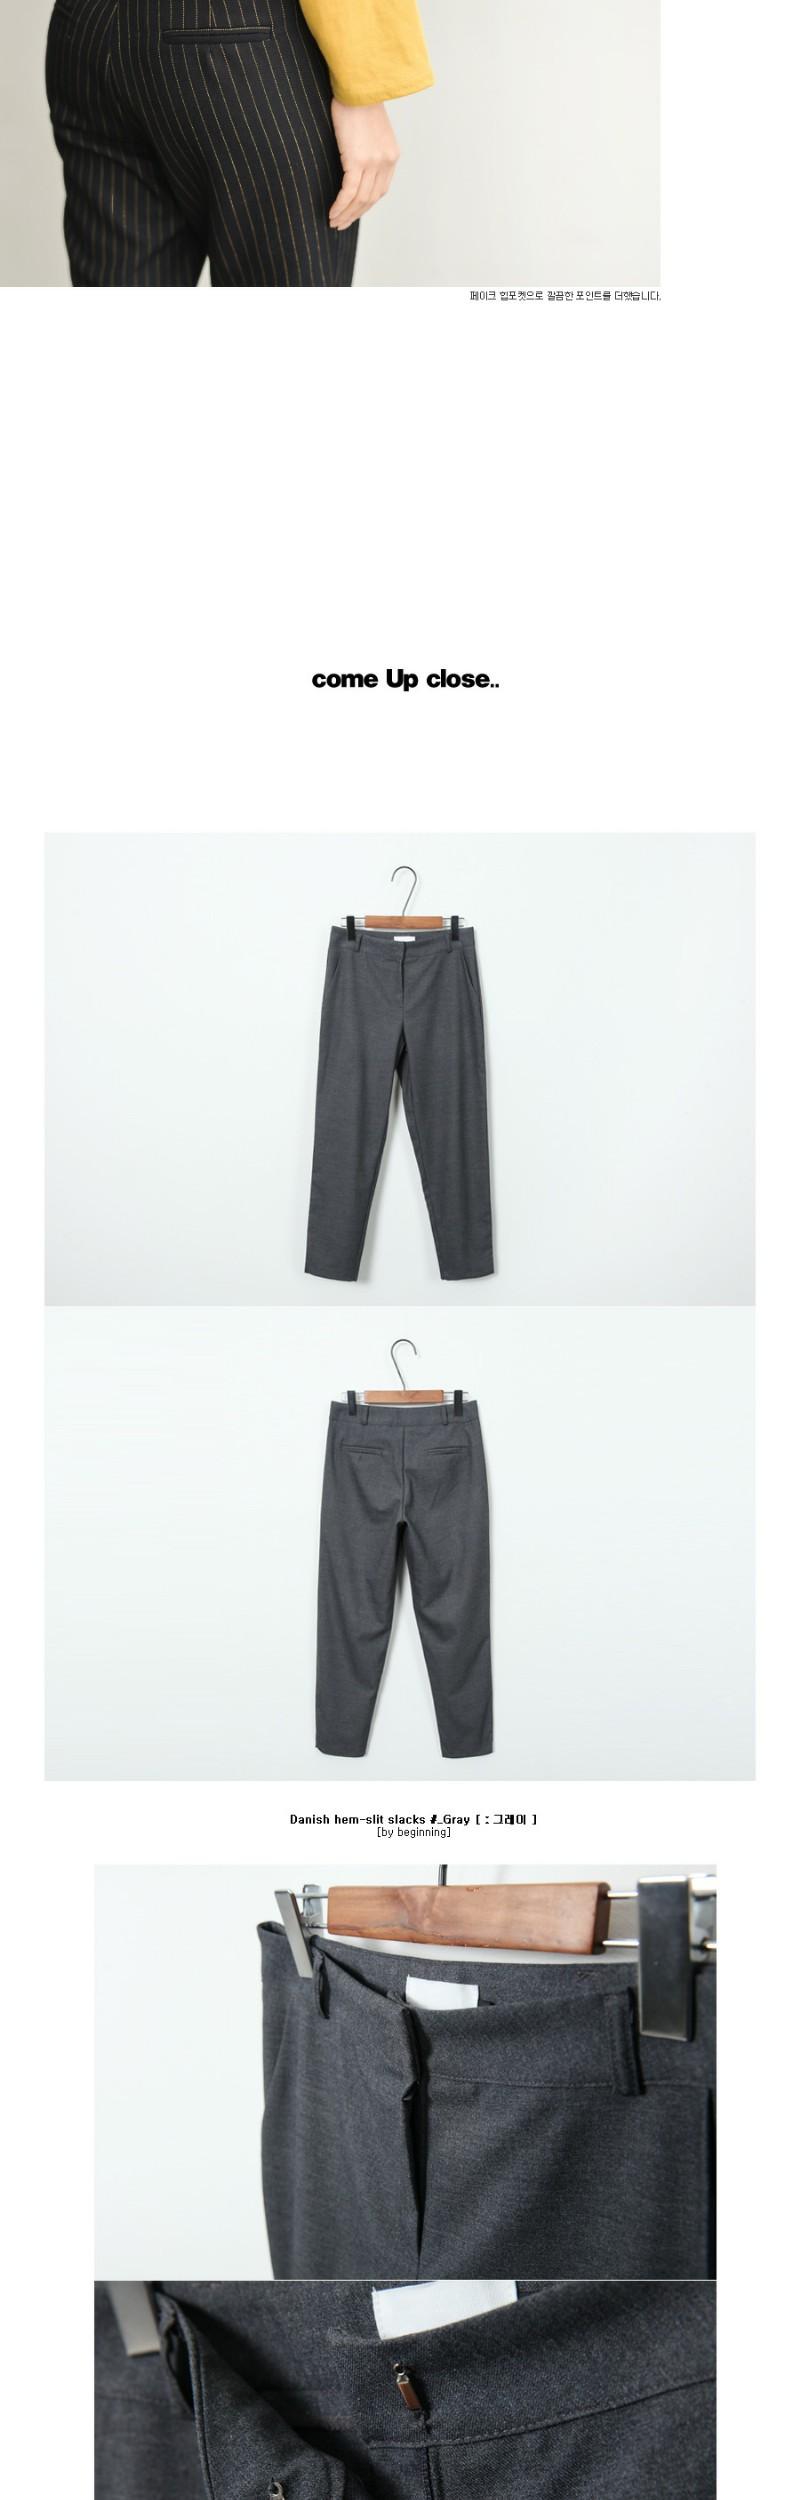 Danish hem-slit slacks